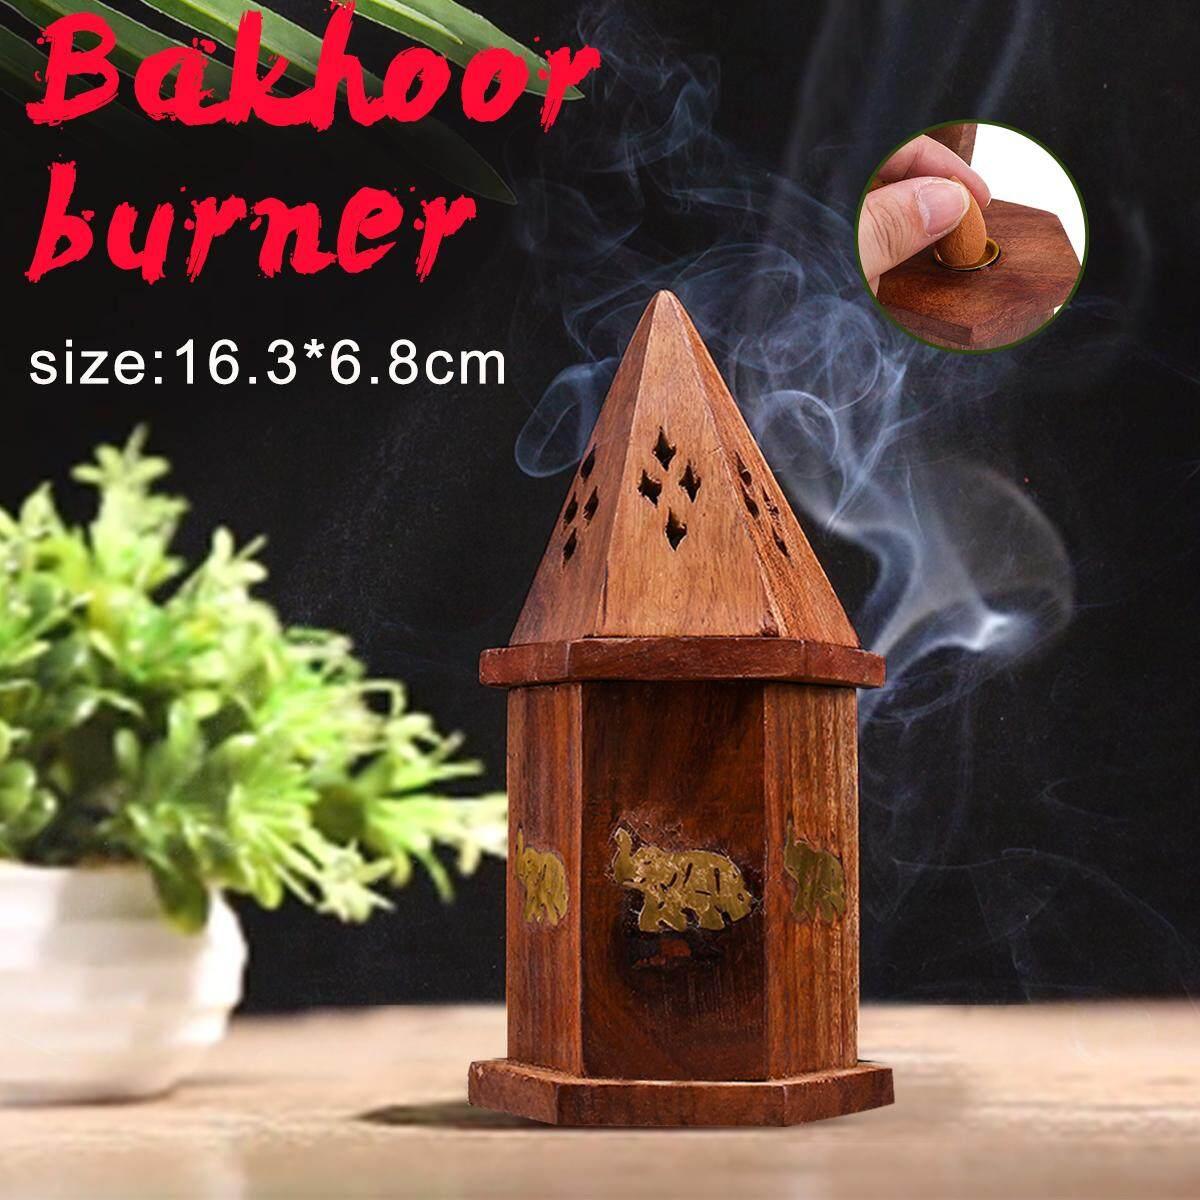 Bakhoor burner Arabic Incense Burner Mabkhara for oud bukhoor traditional wood